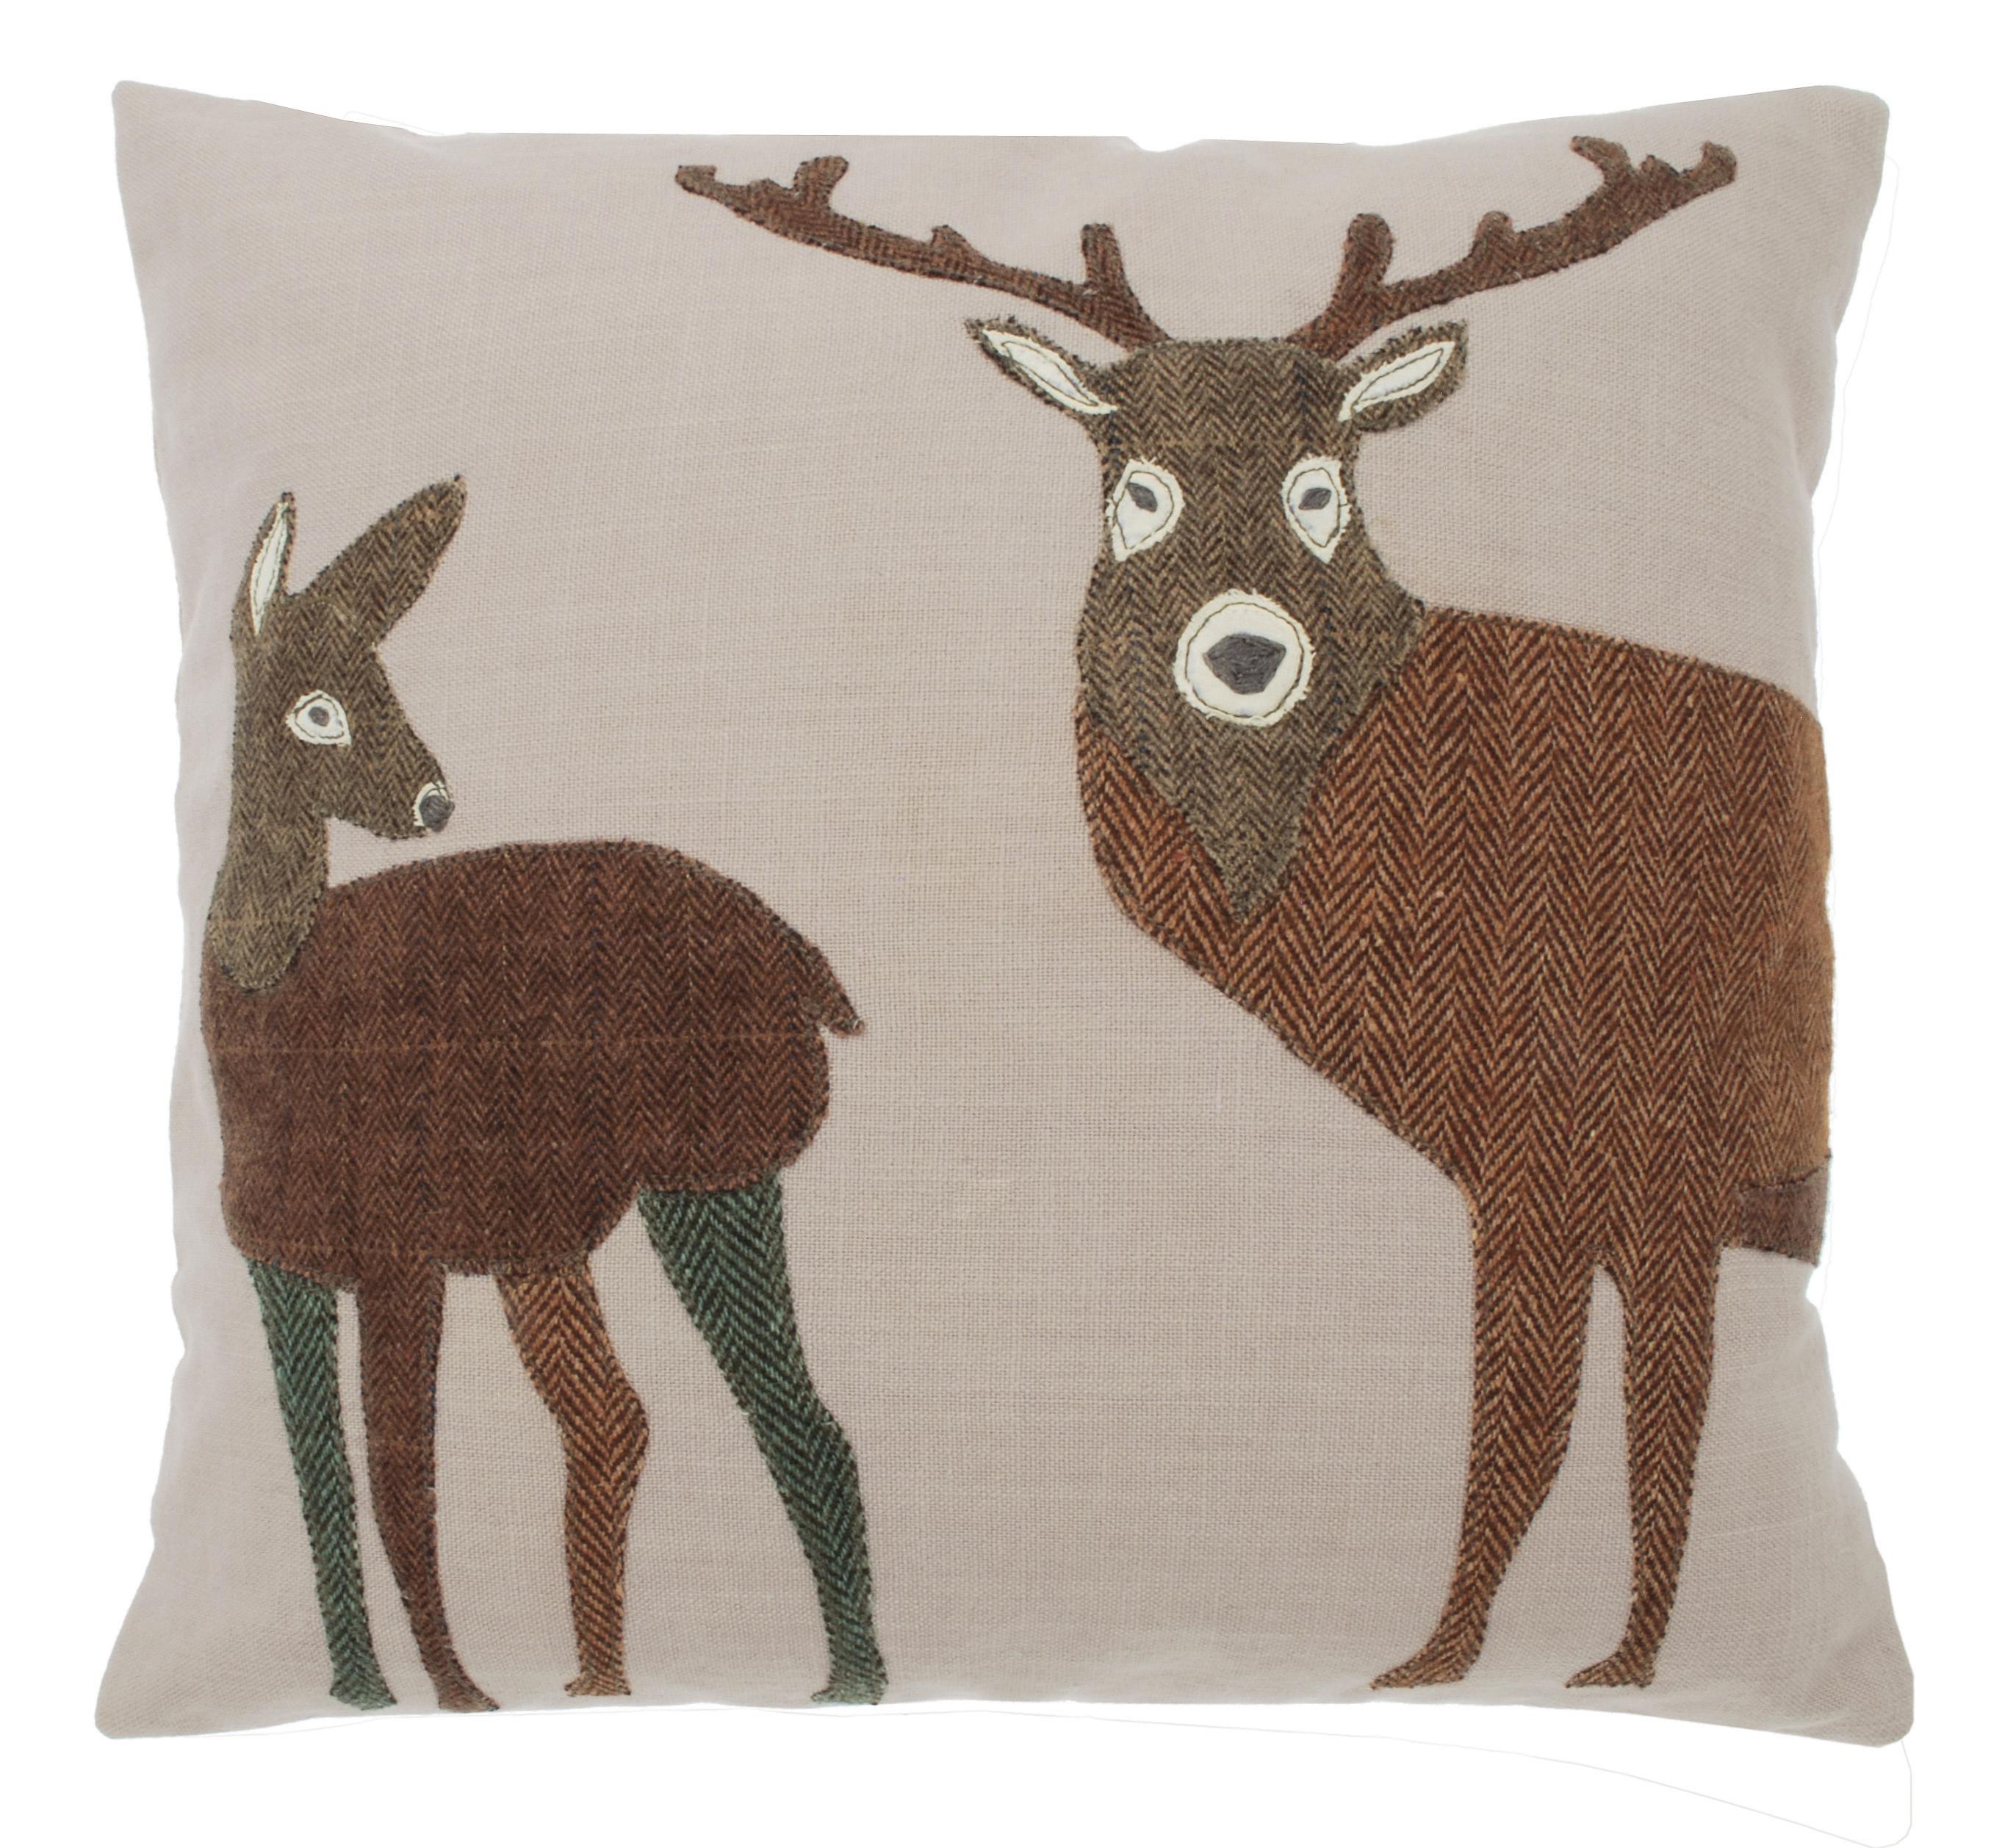 Applique Deer Cushion Tutti Decor Ltd